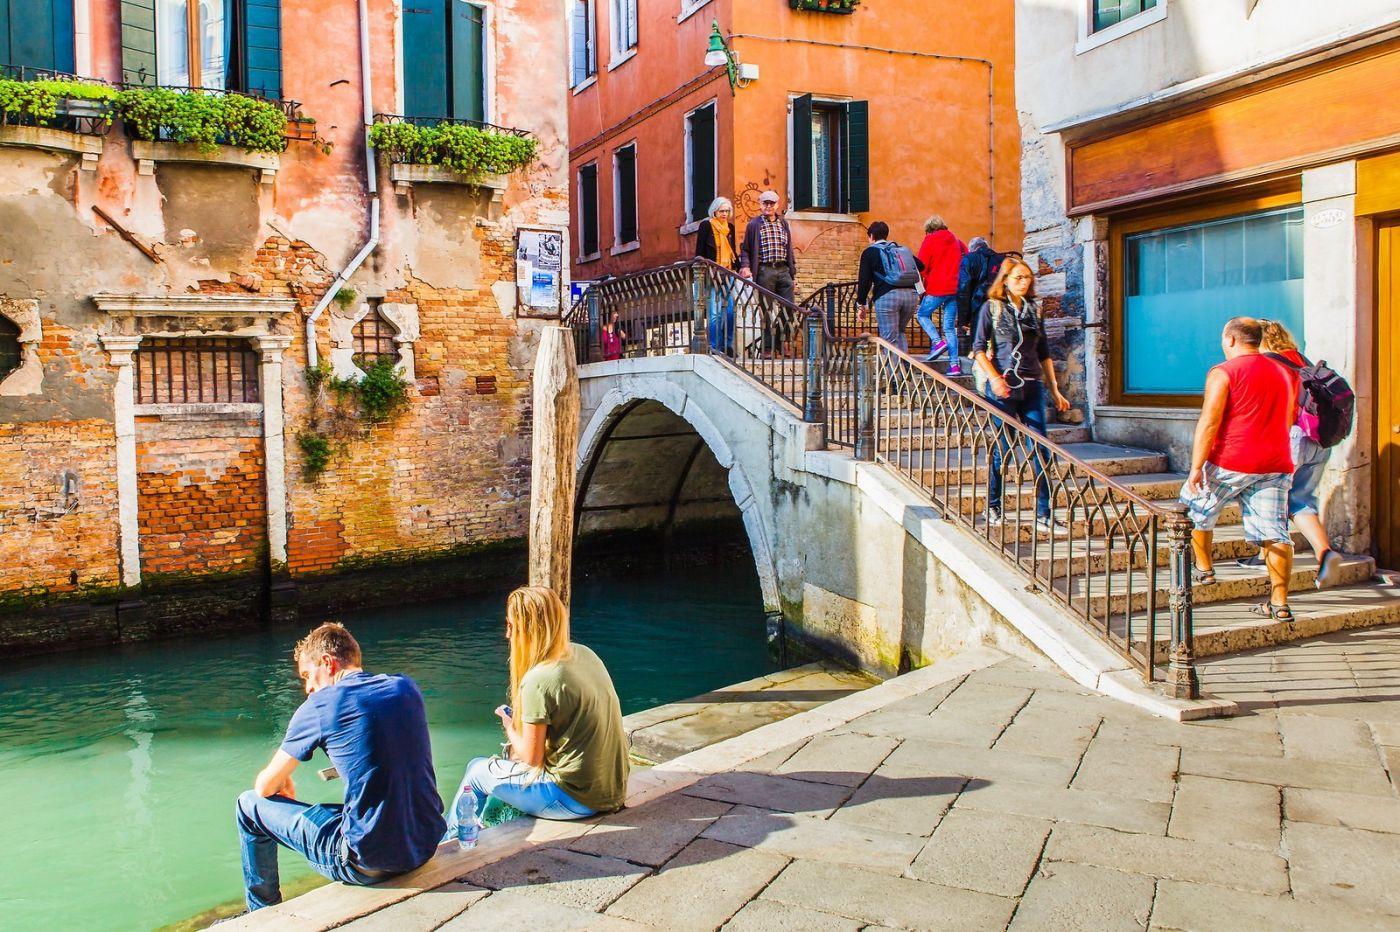 意大利威尼斯,桥的艺术_图1-20